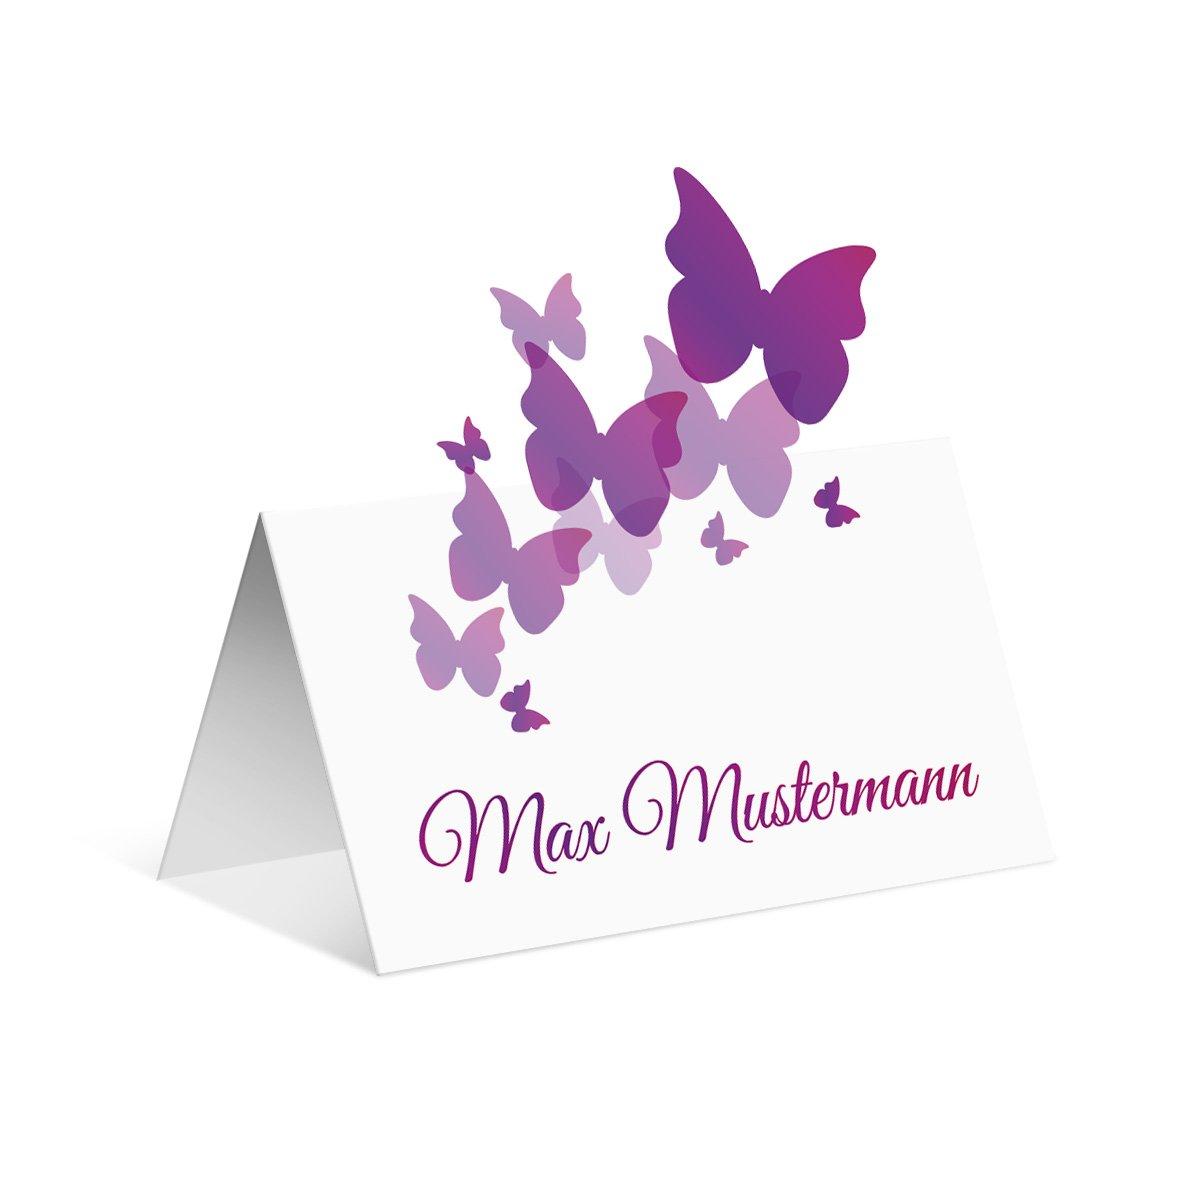 Pop up Tischkarten Hochzeit (40 Stück) - Schmetterlinge - Platzkarten B01MQRKSI5 | Fairer Preis  | Große Auswahl  | Bunt,